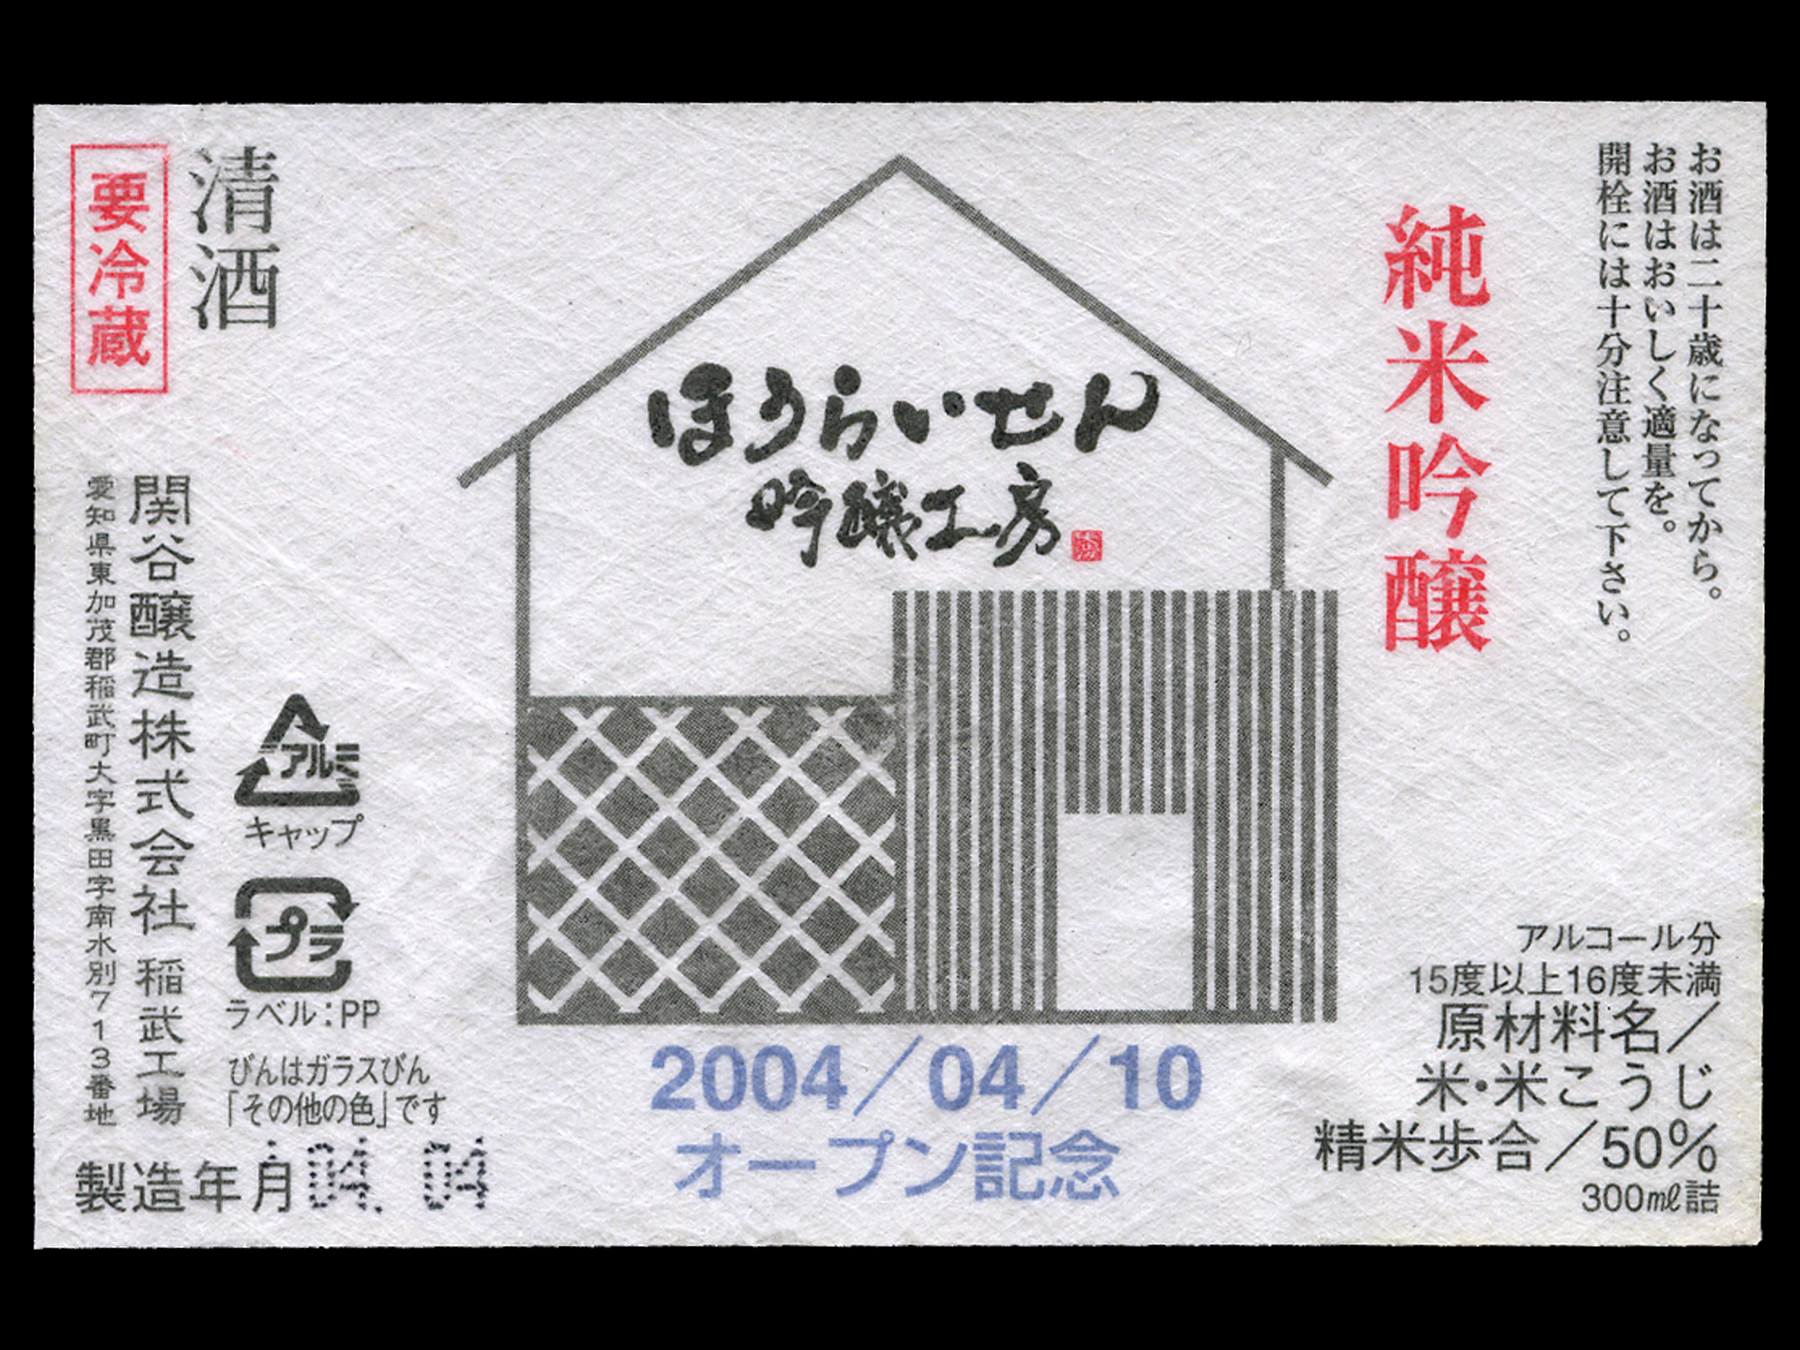 ほうらいせん吟醸工房(ほうらいせんぎんじょうこうぼう)「純米吟醸」OPEN記念ラベル